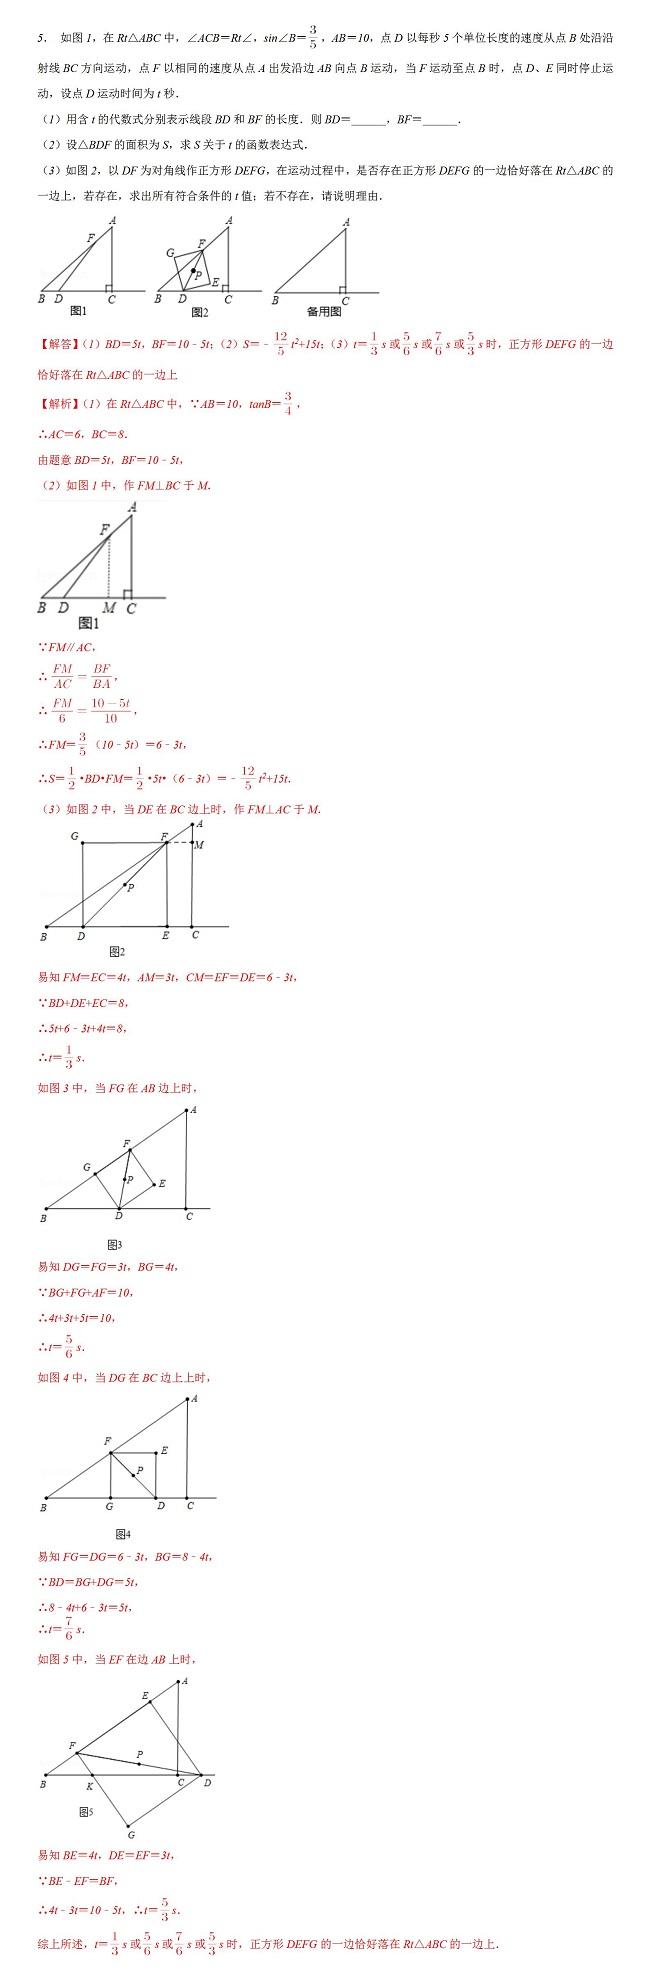 2020年初三数学正方形存在性问题巩固练习(提优)试题及答案(五)